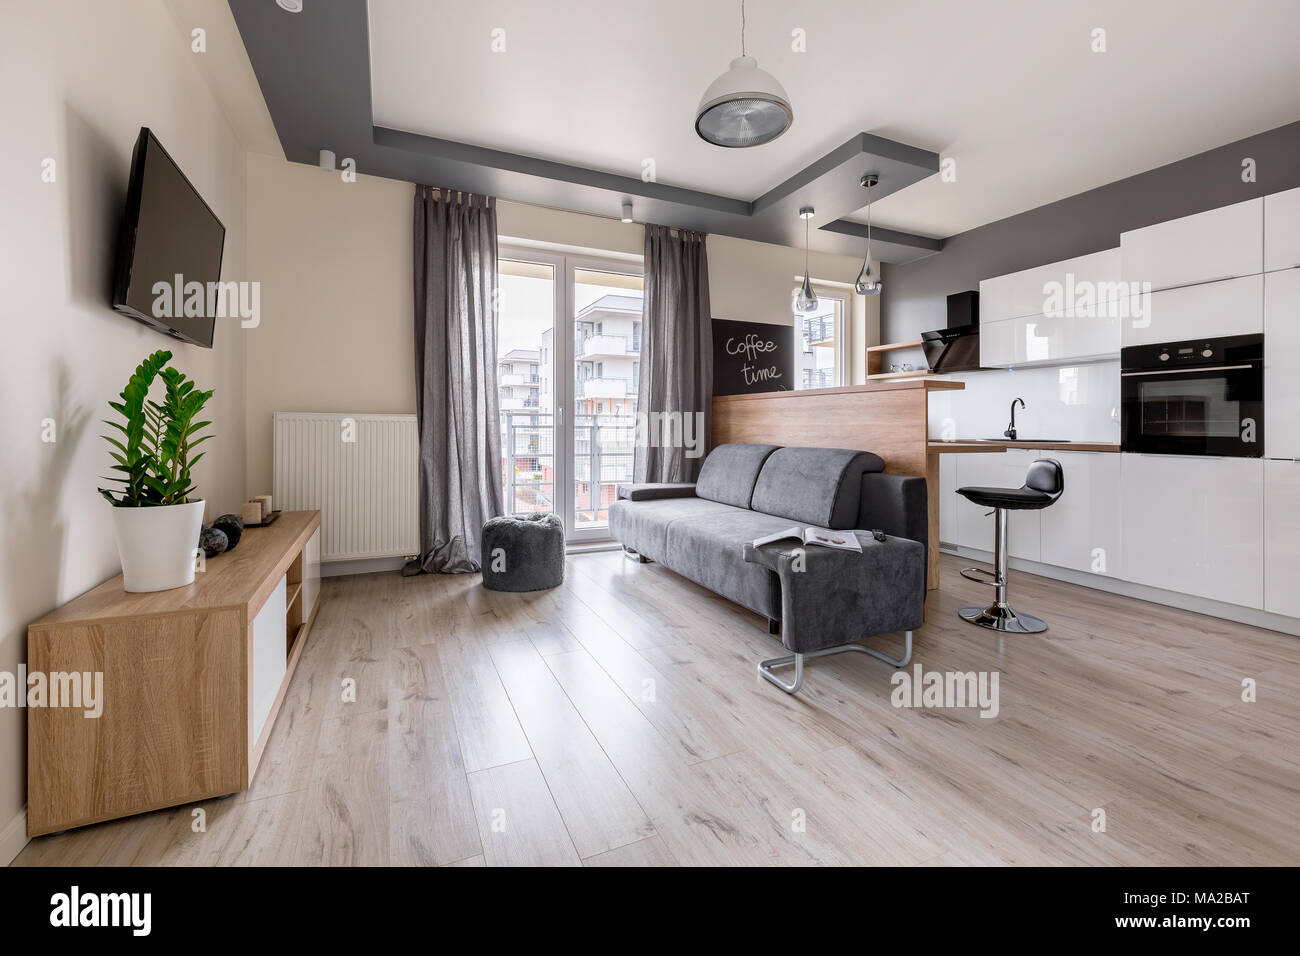 Appartement Moderne Avec Tv Salon Et Cuisine Ouverte Banque D Images